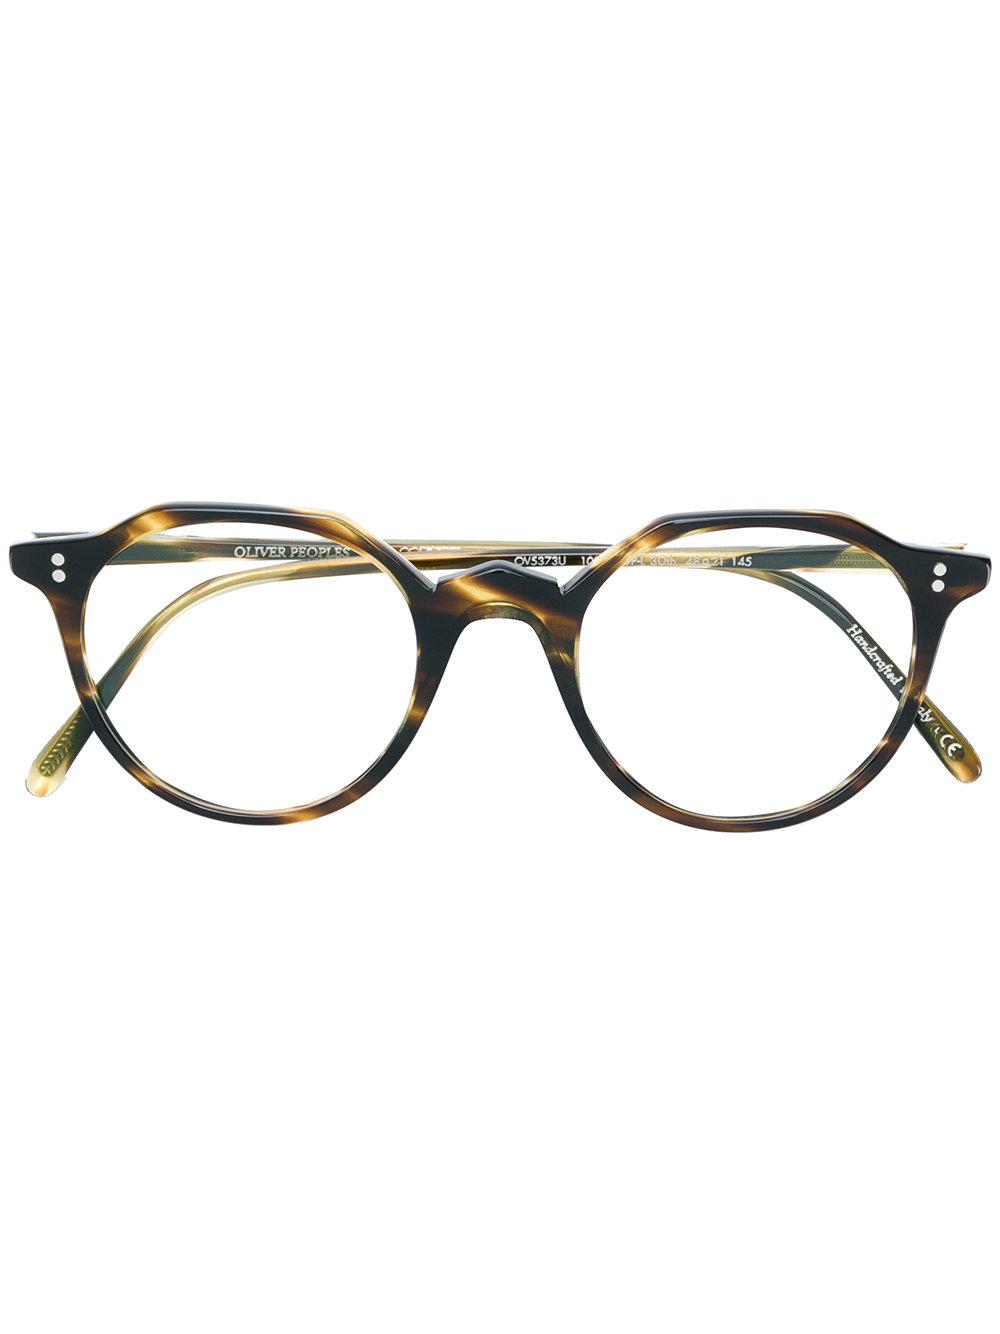 le specs designer eyeglasses online eyeglasses brands list buy optical prescription frames 1 Jacques Marie Mage face a face oliver peoples